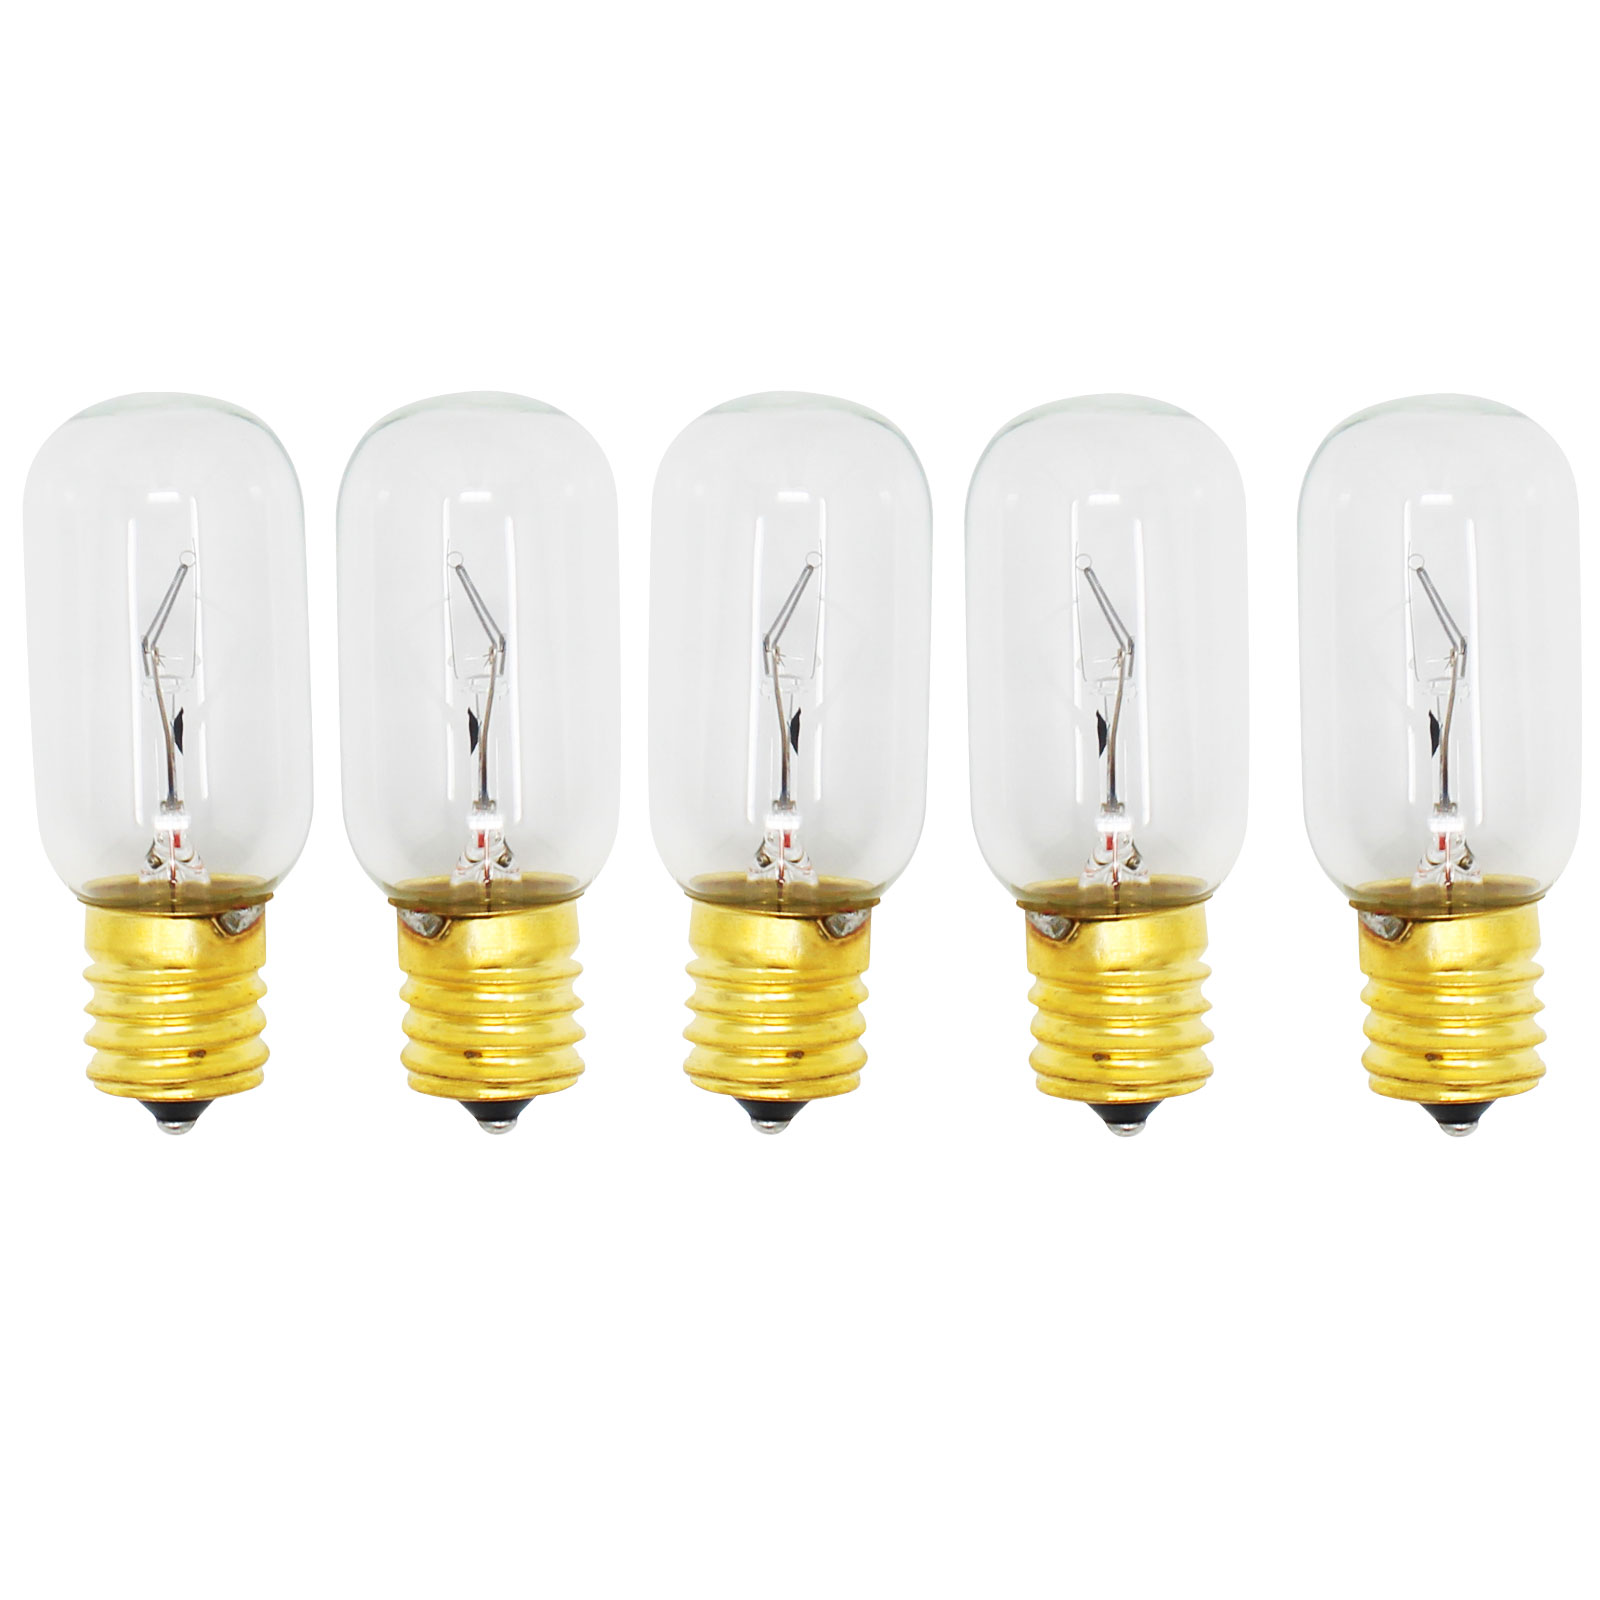 LMV1683SW LMV2083ST LMV1630BB LMV2031SW 5-Pack Light Bulb for LG LMH2235ST